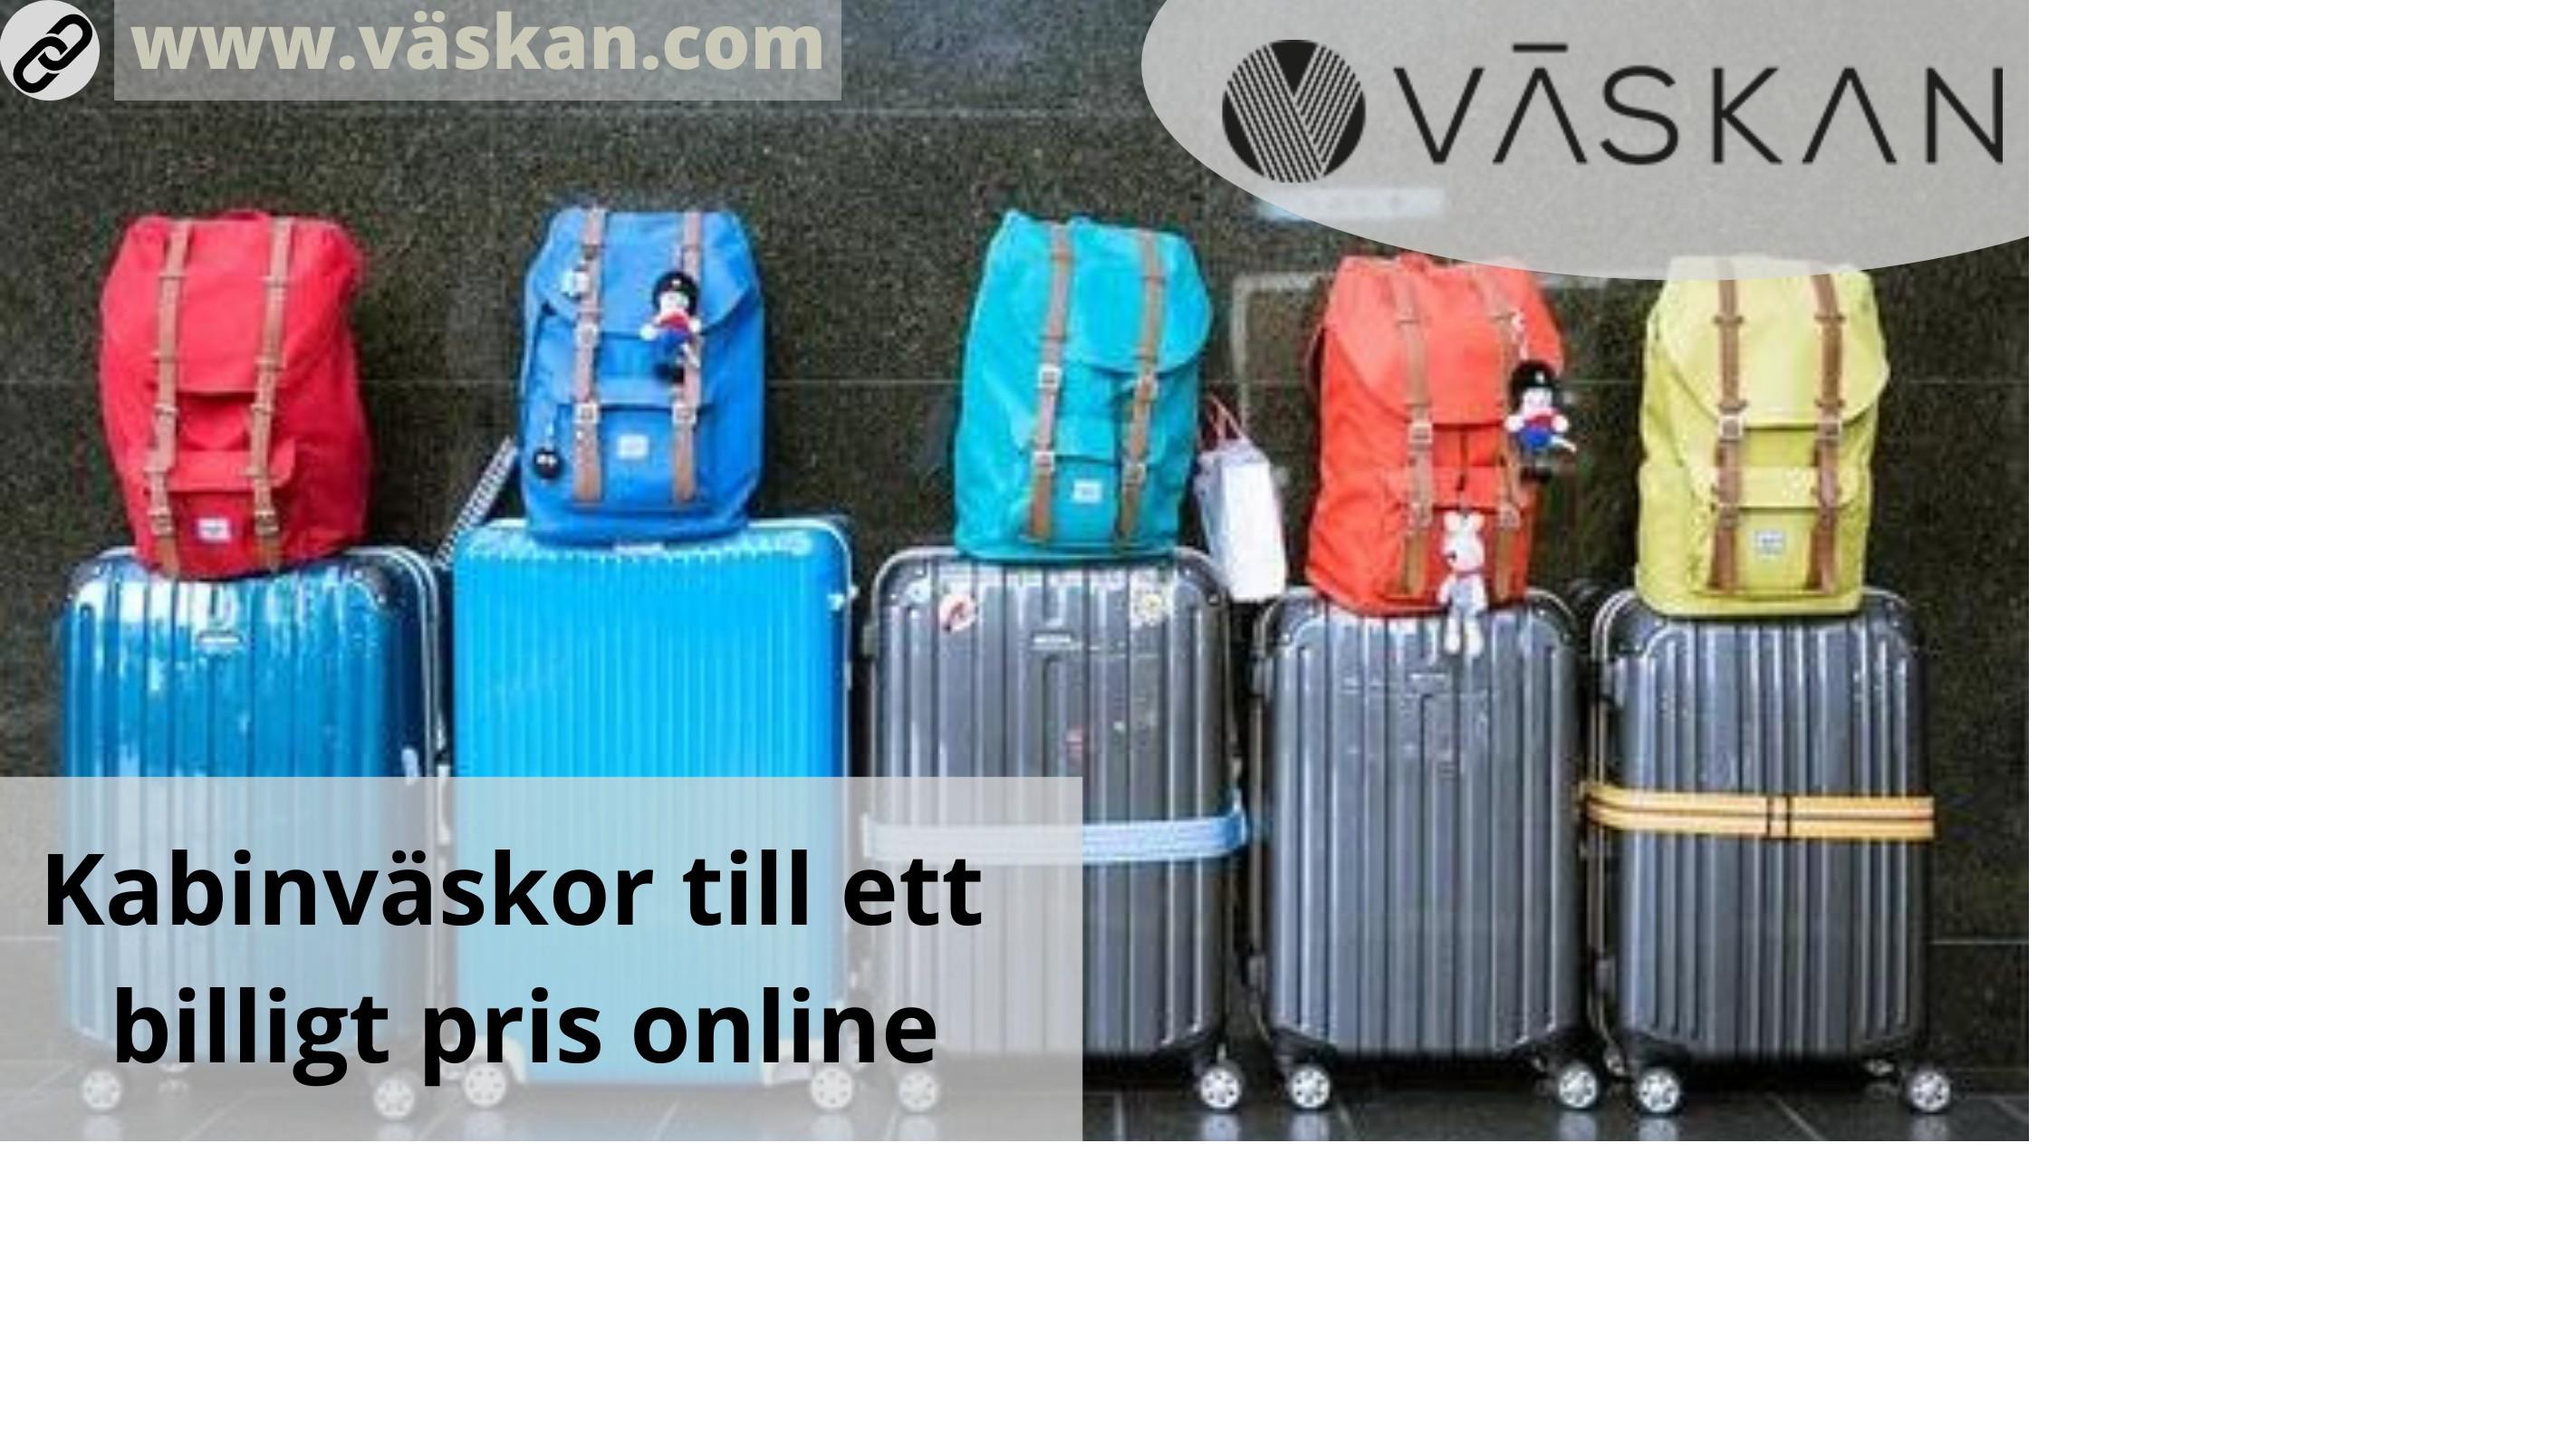 Kabinväskor till ett billigt pris online